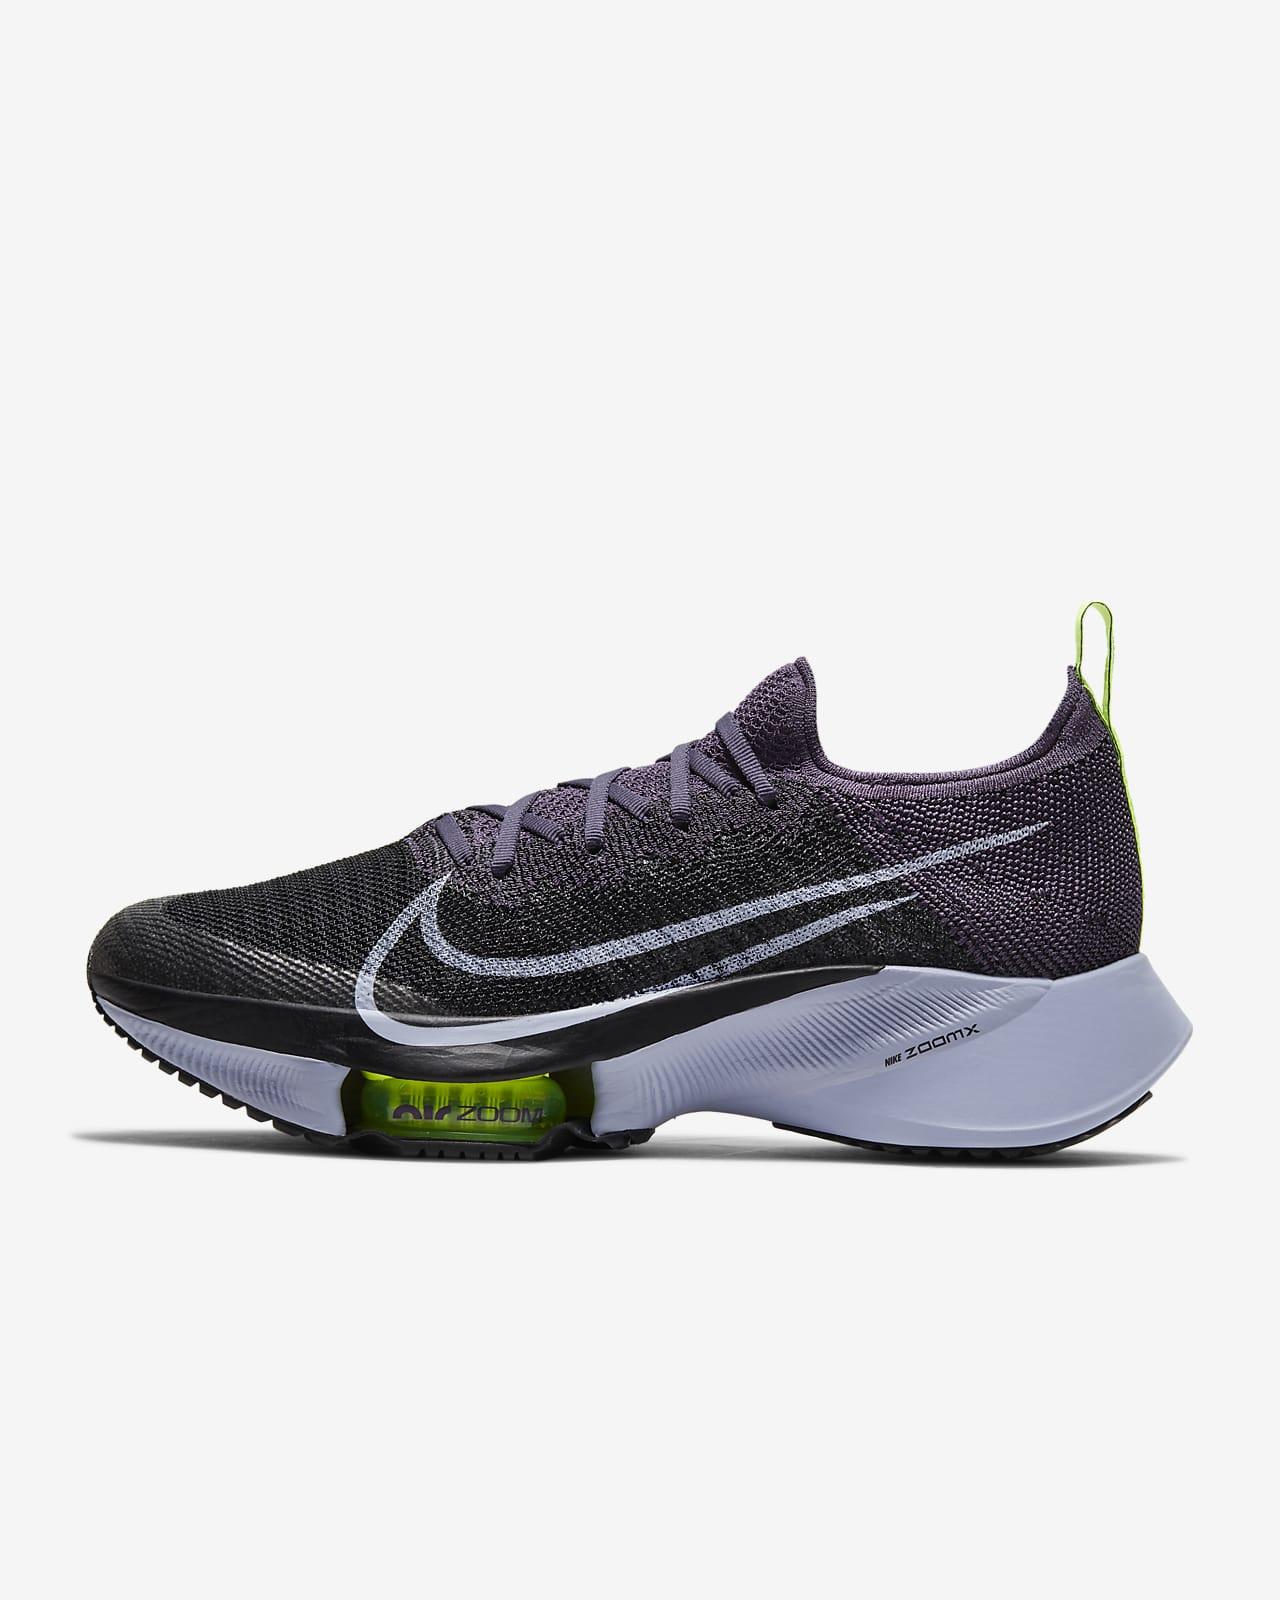 Nike Air Zoom Tempo NEXT% Kadın Yol Koşu Ayakkabısı